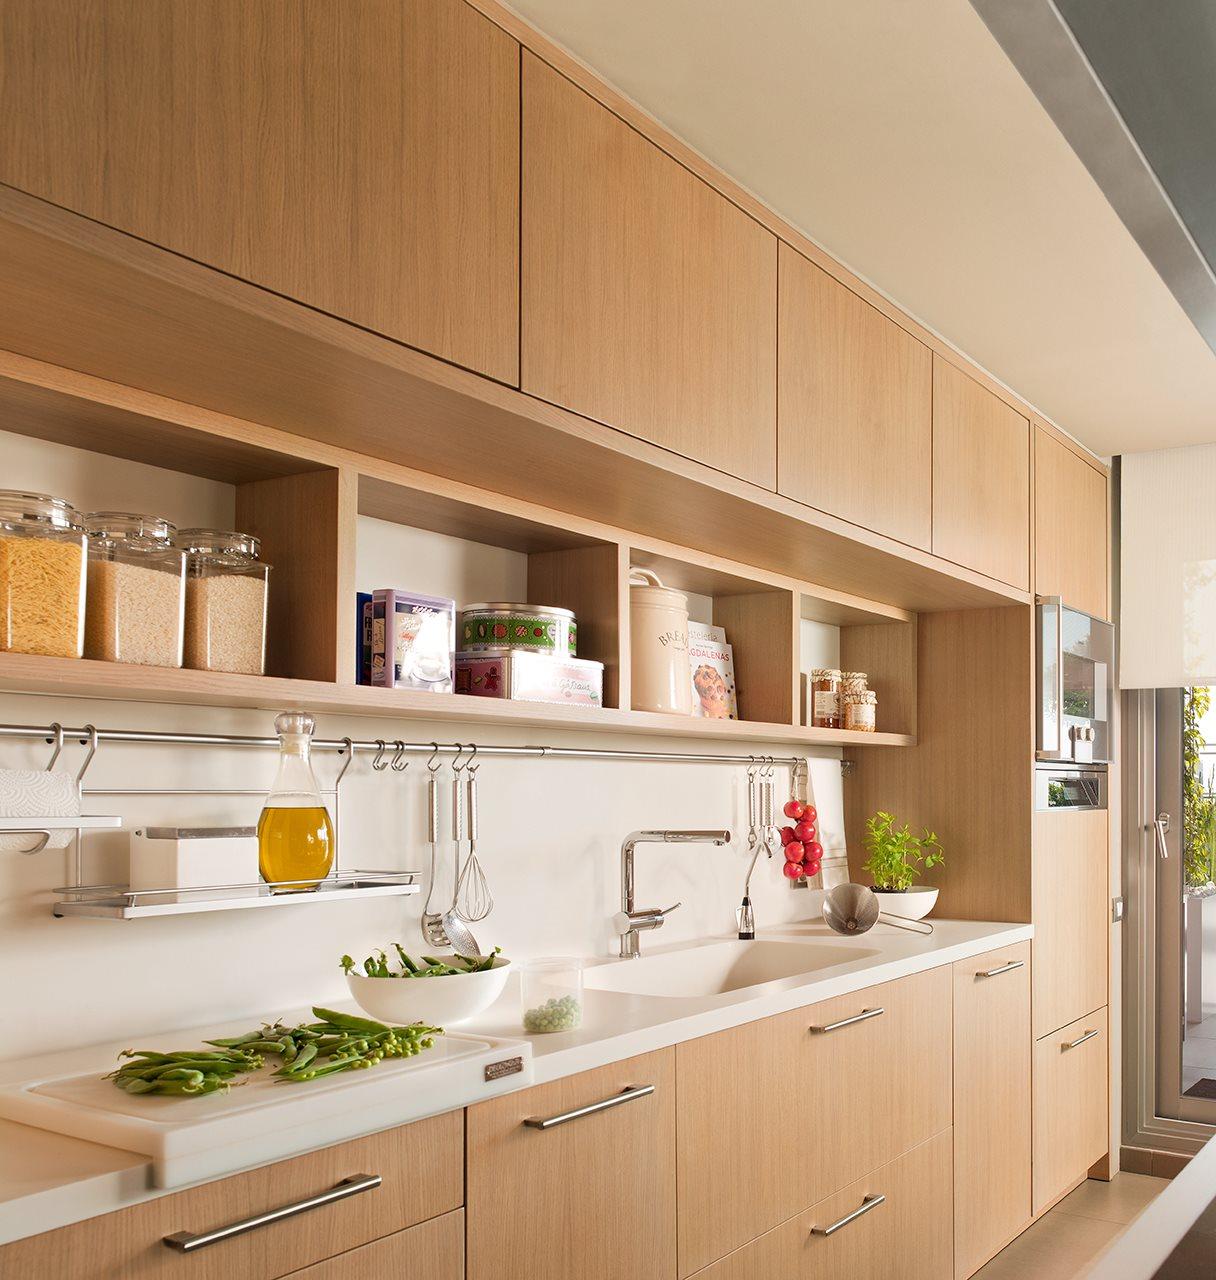 cocina_con_mobiliario_dispuesto_en_una_pared_1216x1280